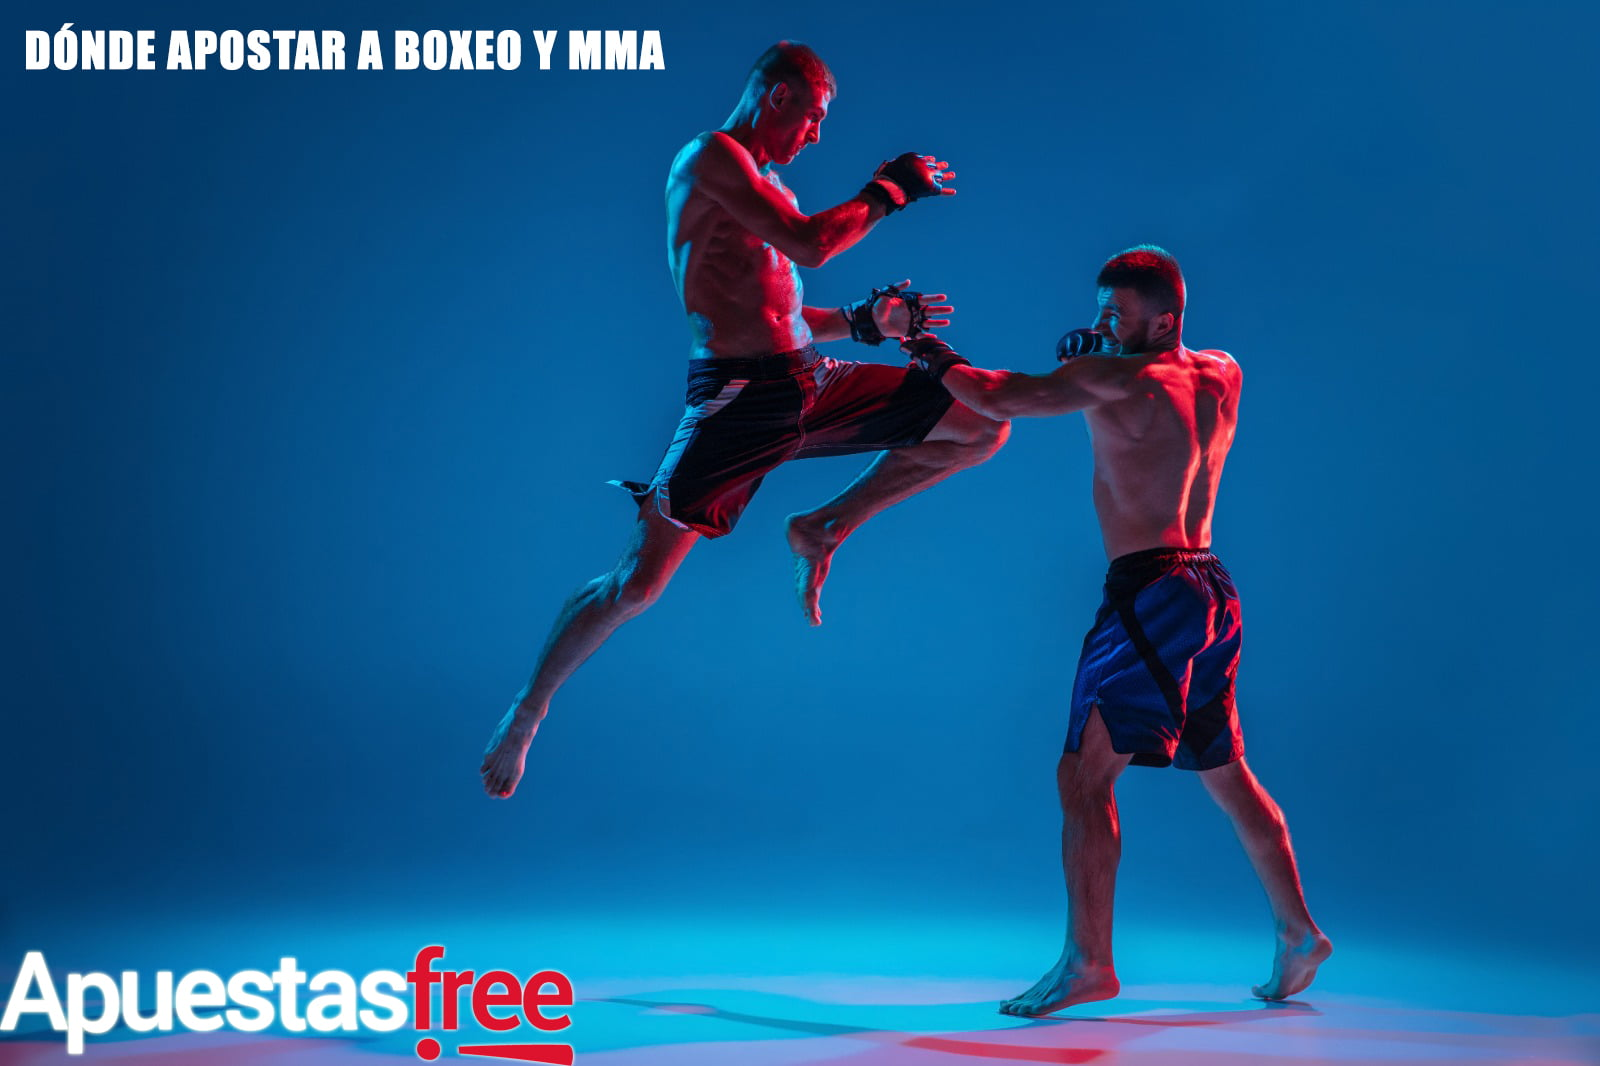 boxeo y mma